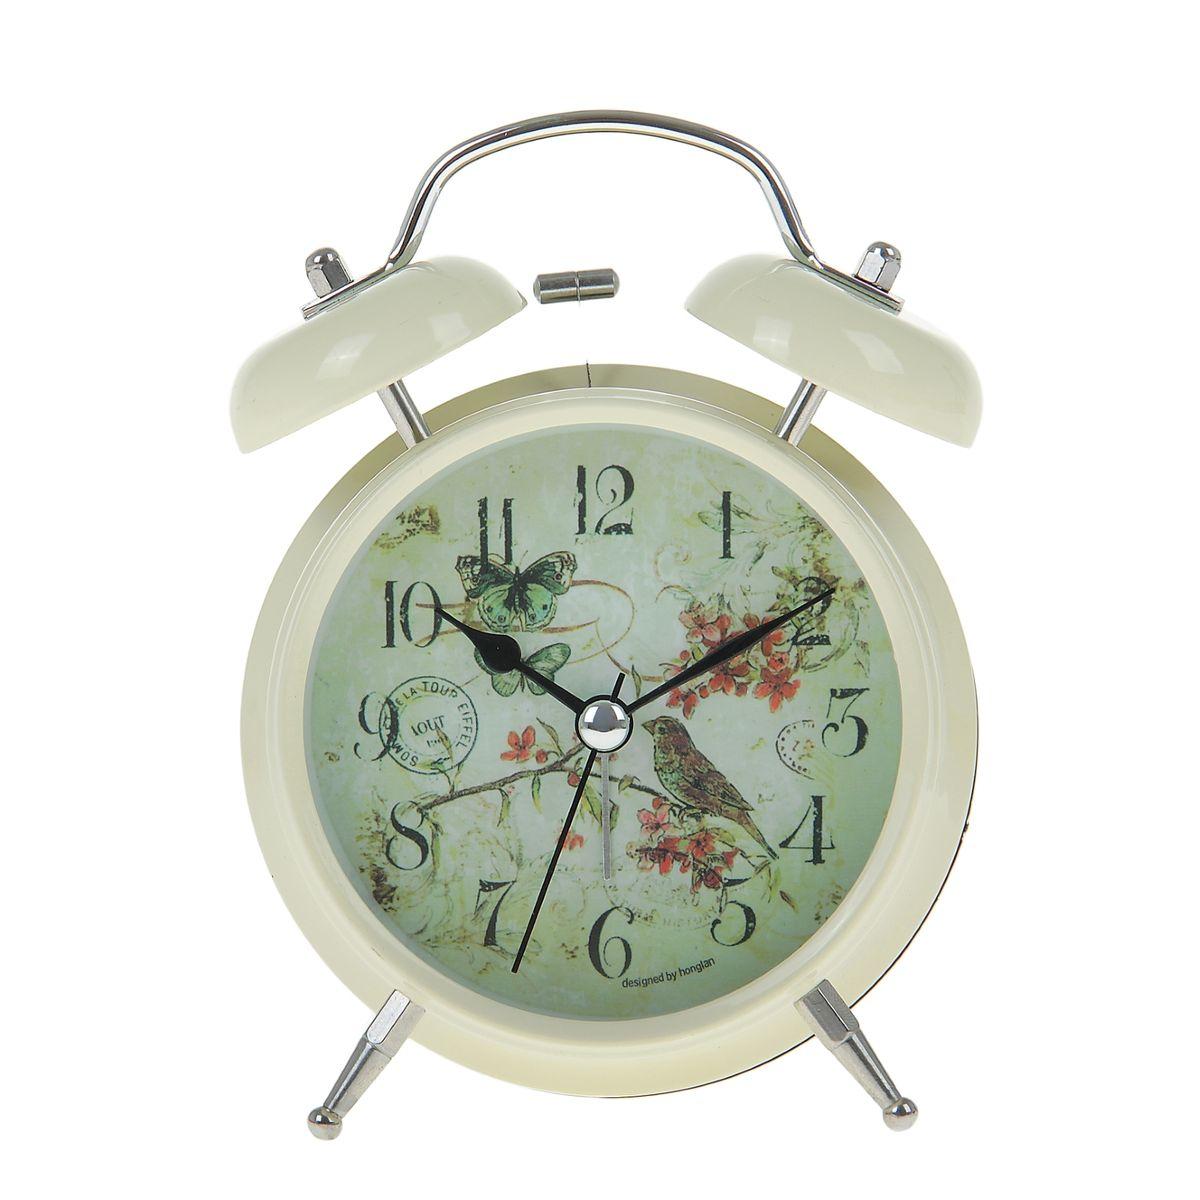 Часы-будильник Sima-land. 906603906603Как же сложно иногда вставать вовремя! Всегда так хочется поспать еще хотябы 5 минут ибывает,что мы просыпаем. Теперь этого не случится! Яркий, оригинальный будильникSima-land поможет вам всегдавставать в нужное время и успевать везде и всюду. Время показывает точно ибудит в установленный час. Будильник украсит вашу комнату и приведет ввосхищение друзей.На задней панели будильника расположеныпереключатель включения/выключения механизма и два колесика для настройки текущего времени и времени звонка будильника. Также будильник оснащен кнопкой, при нажатии и удержании которой, подсвечивается циферблат. Будильник работает от 2 батареек типа AA напряжением 1,5V (не входят вкомплект).